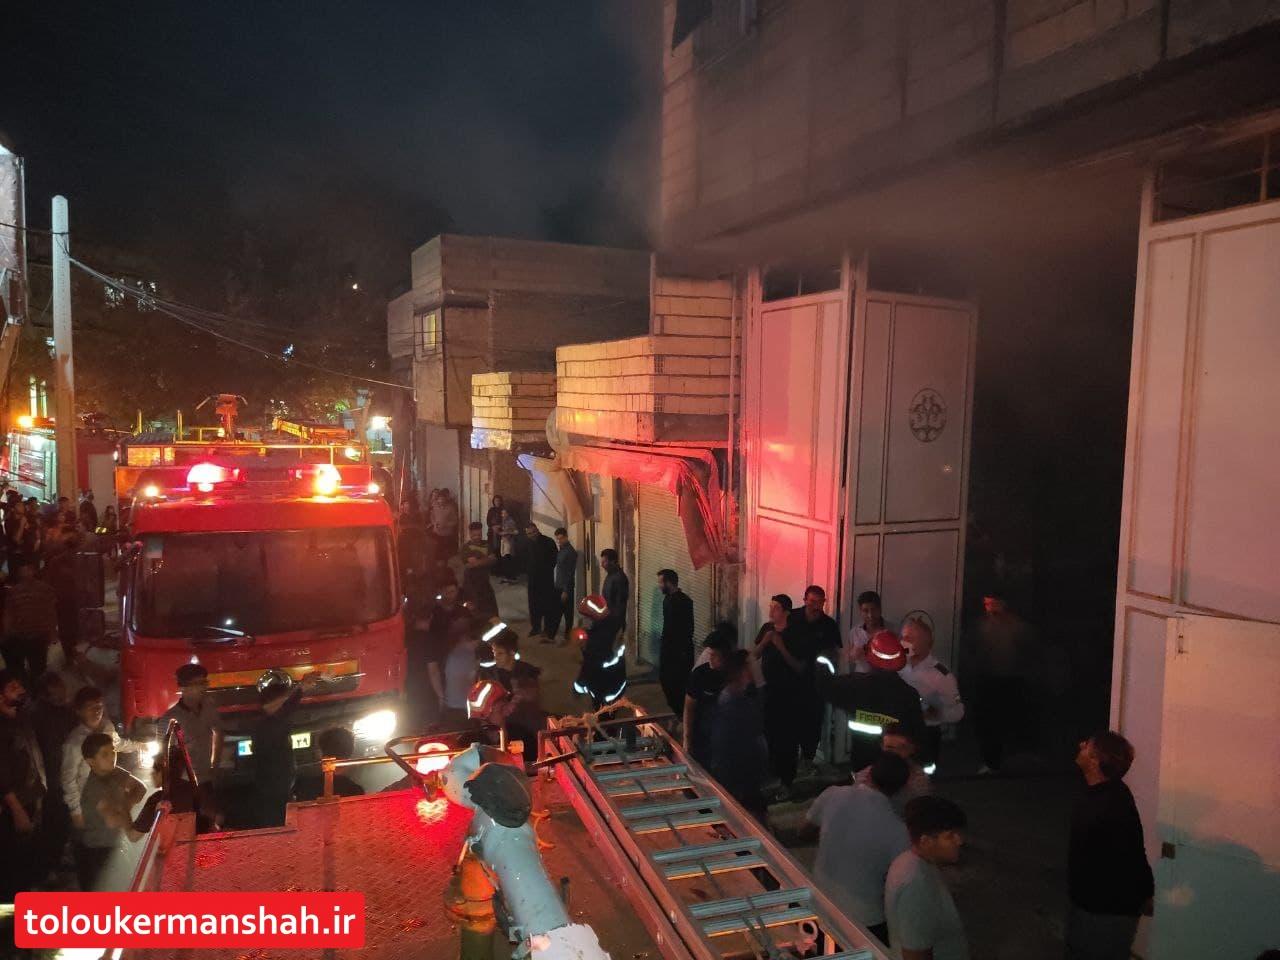 حریق منزل مسکونی در جعفرآباد کرمانشاه و نجات دو نفر از میان شعله های آتش